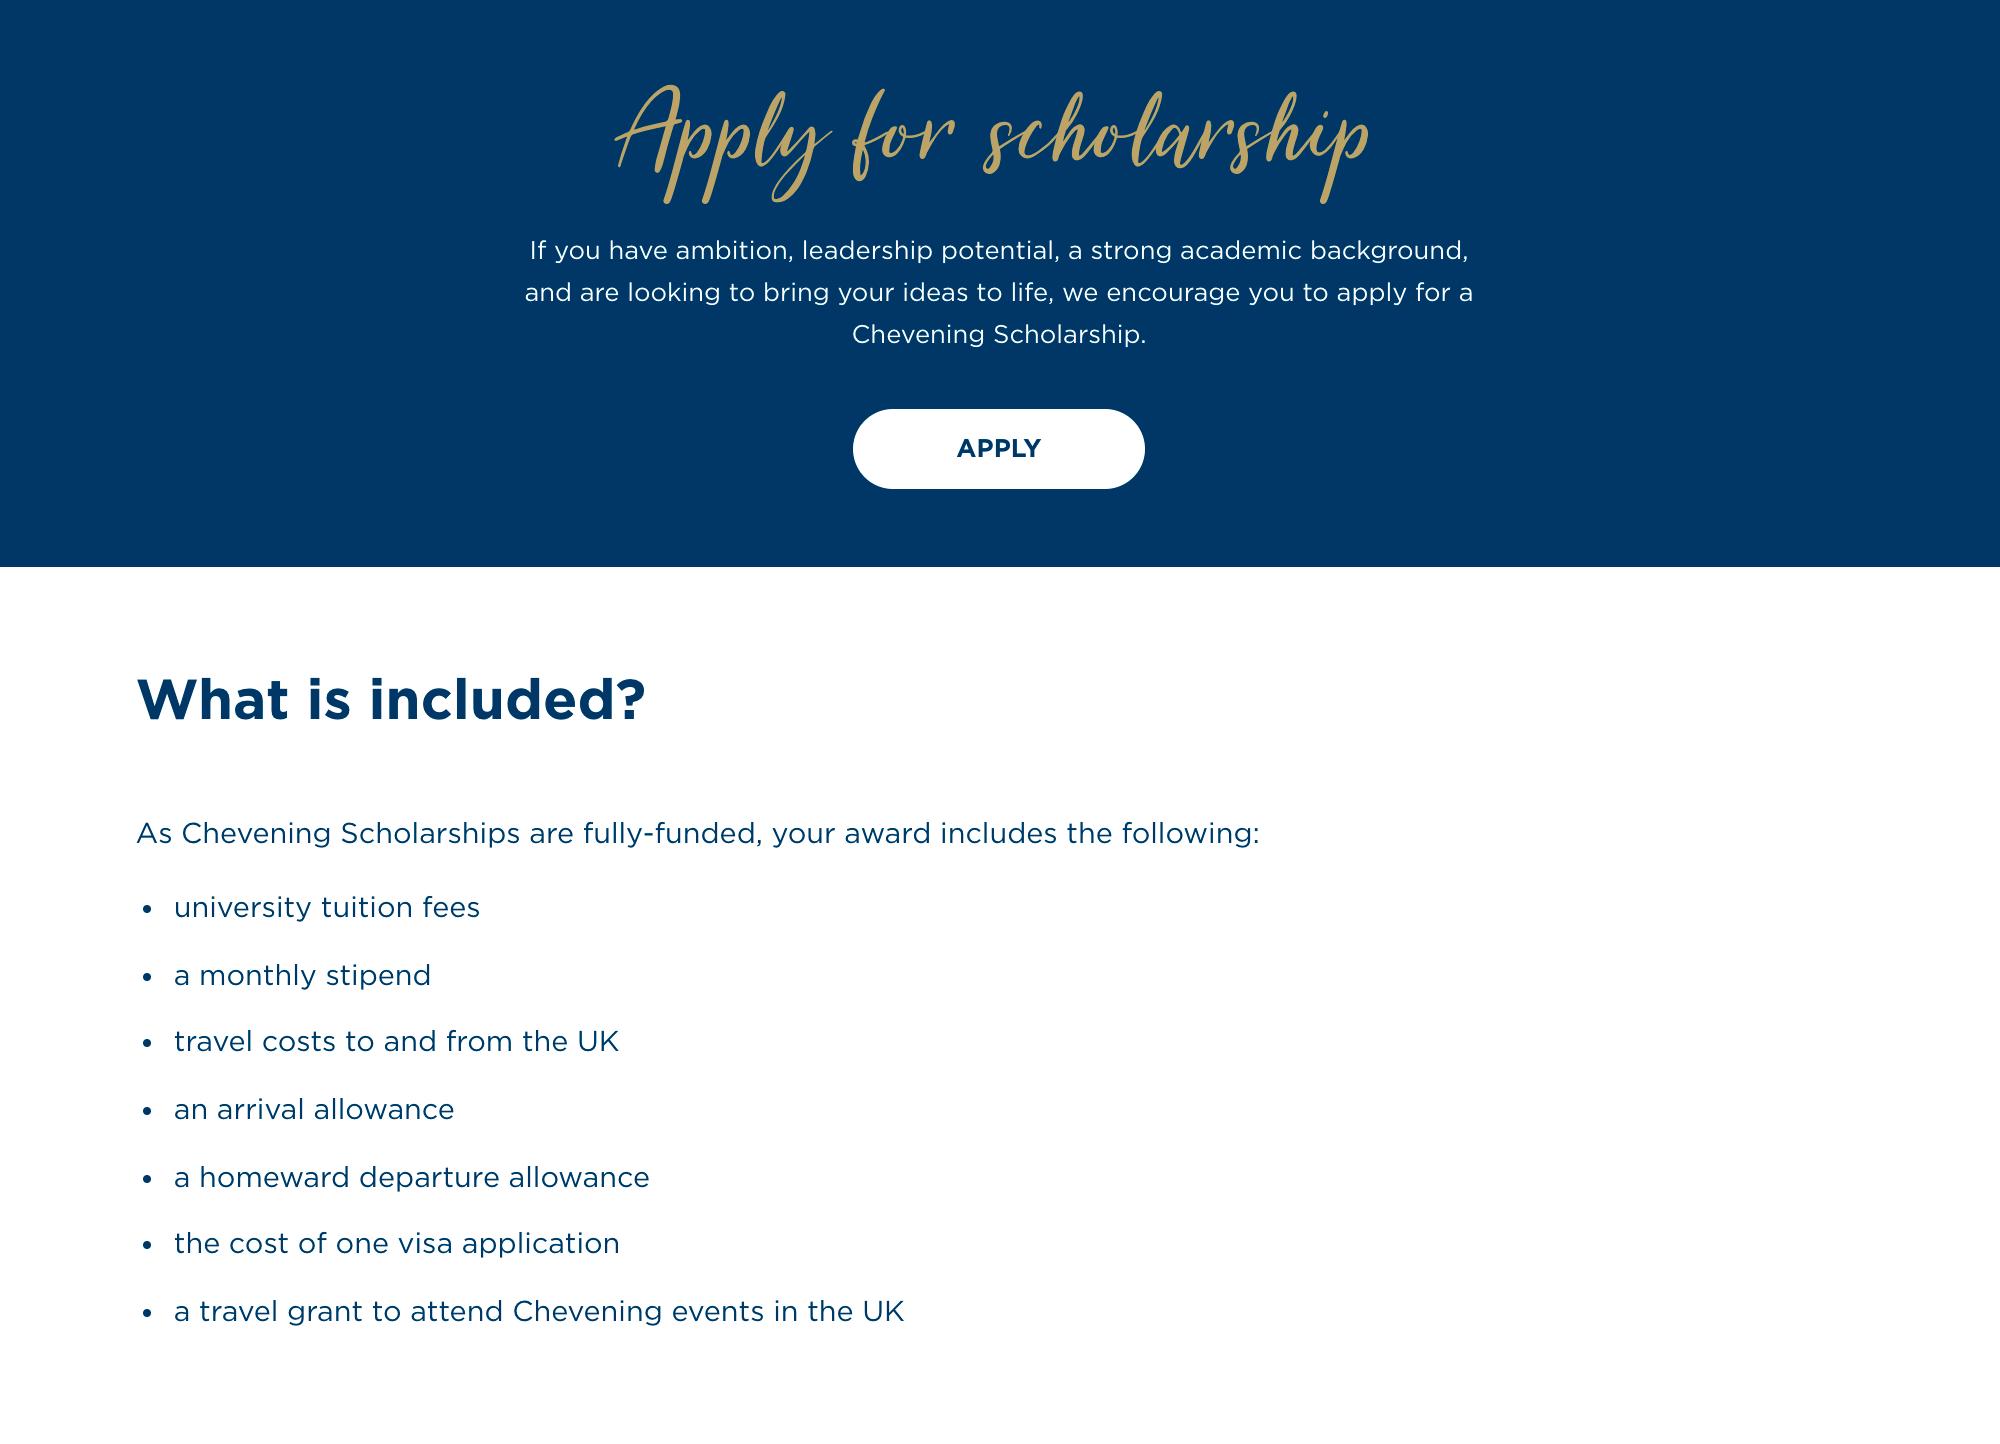 На официальном сайте пишут, что стипендия предназначена дляамбициозных людей с лидерским потенциалом и хорошей академической подготовкой, которые хотелибы изменить мир к лучшему